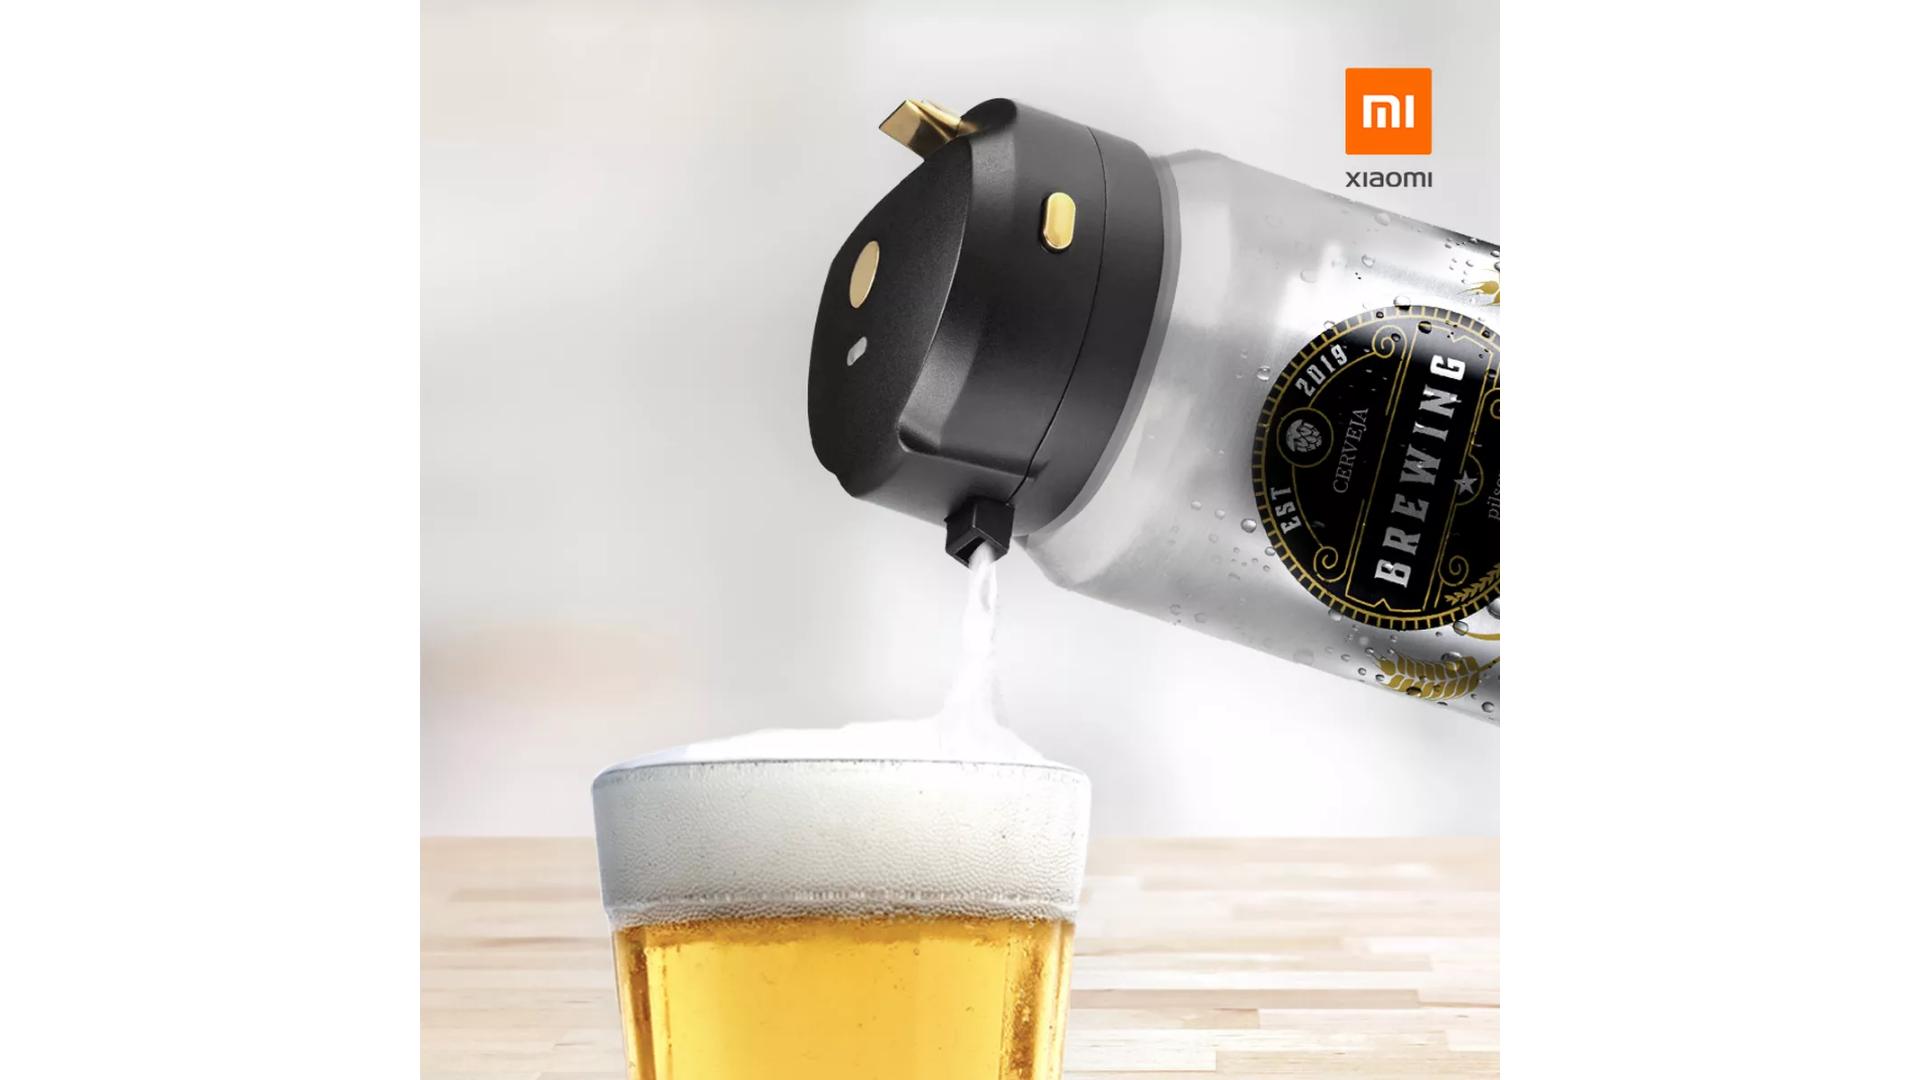 A marca Xiaomi conta com uma chopeira portátil em seu catálogo de produtos. Para usá-la, basta encaixar na lata ou garrafa de cerveja. (Imagem: Divulgação/Xiaomi)